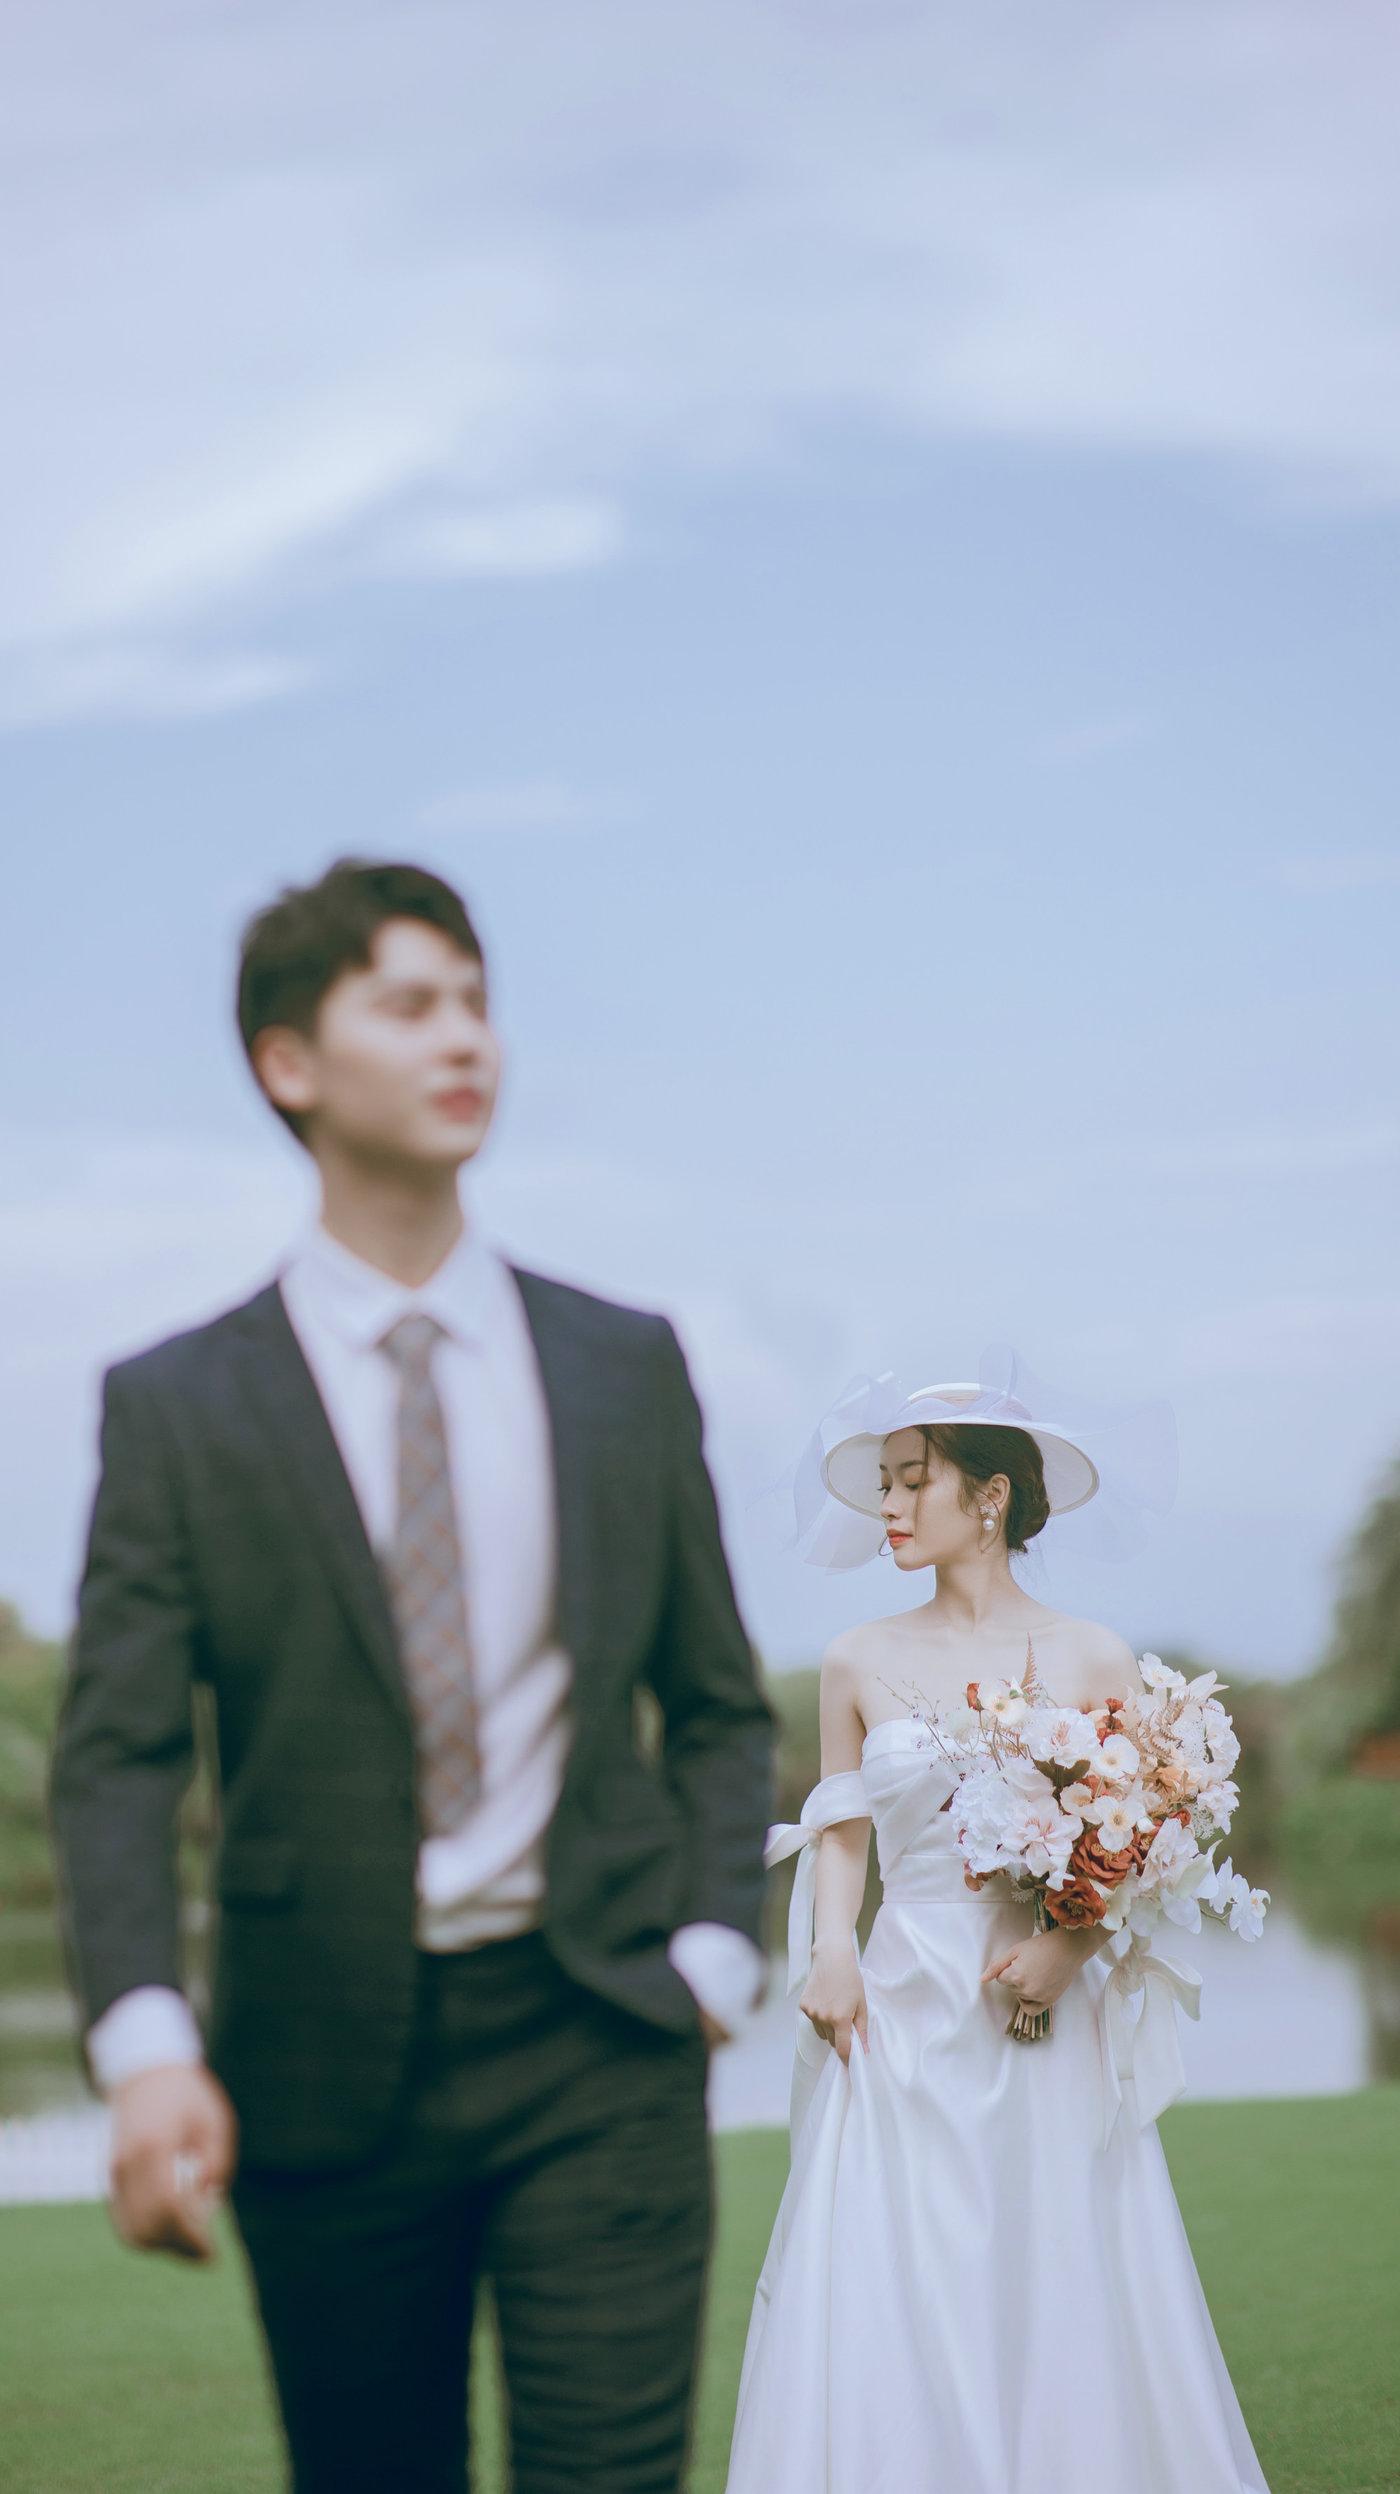 迪茵湖法式草坪婚纱照14